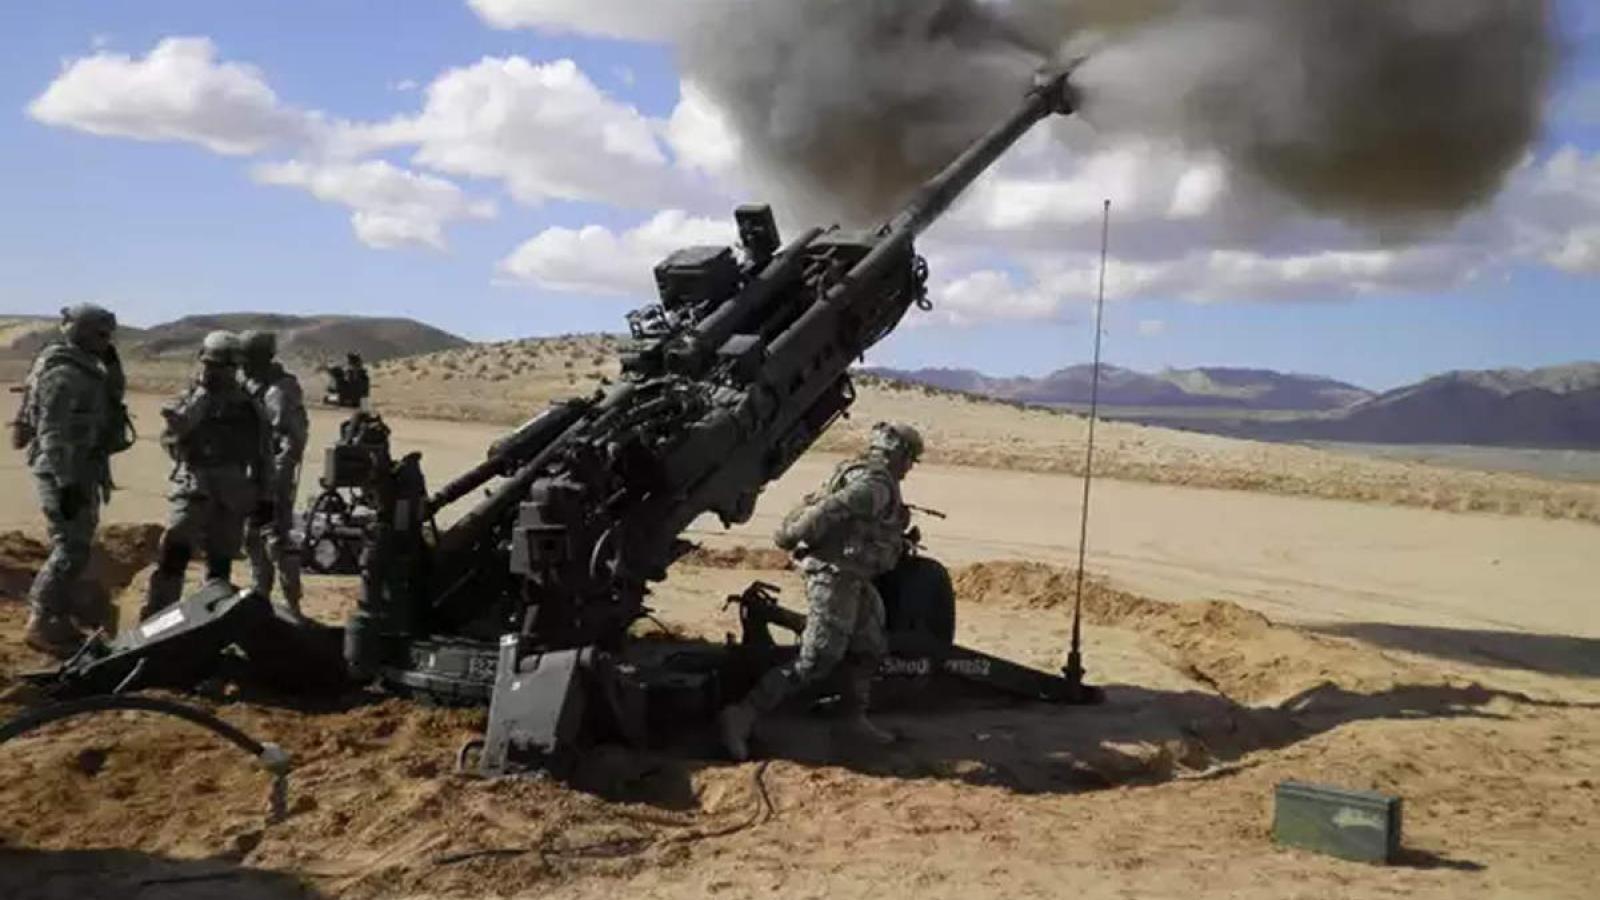 Siêu lựu pháo M-777 Howitzer của Mỹ dội mưa hỏa lực vào mục tiêu